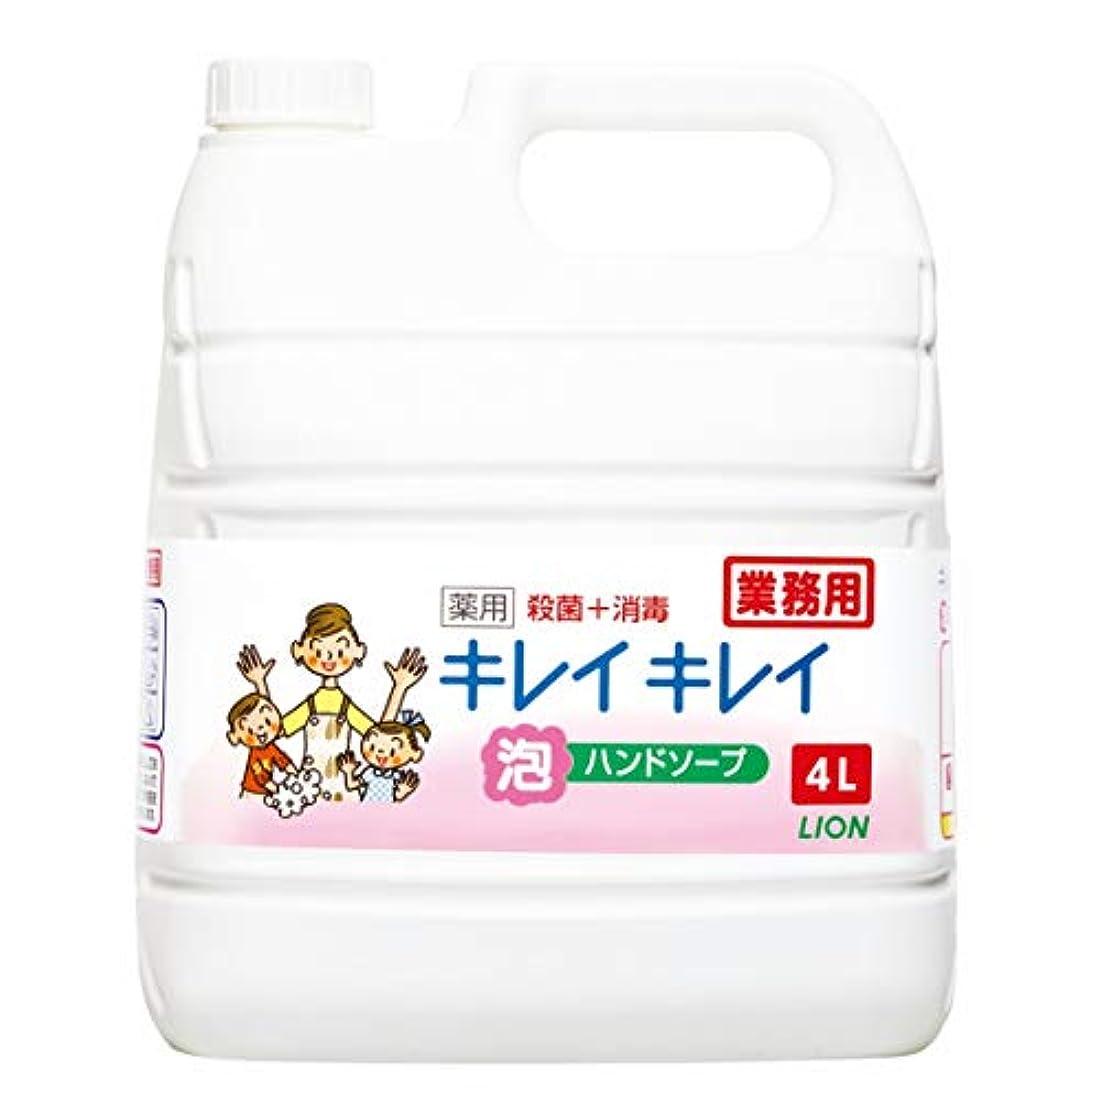 下線油ウィザード【業務用 大容量】キレイキレイ 薬用 泡ハンドソープ シトラスフルーティの香り 4L(医薬部外品)